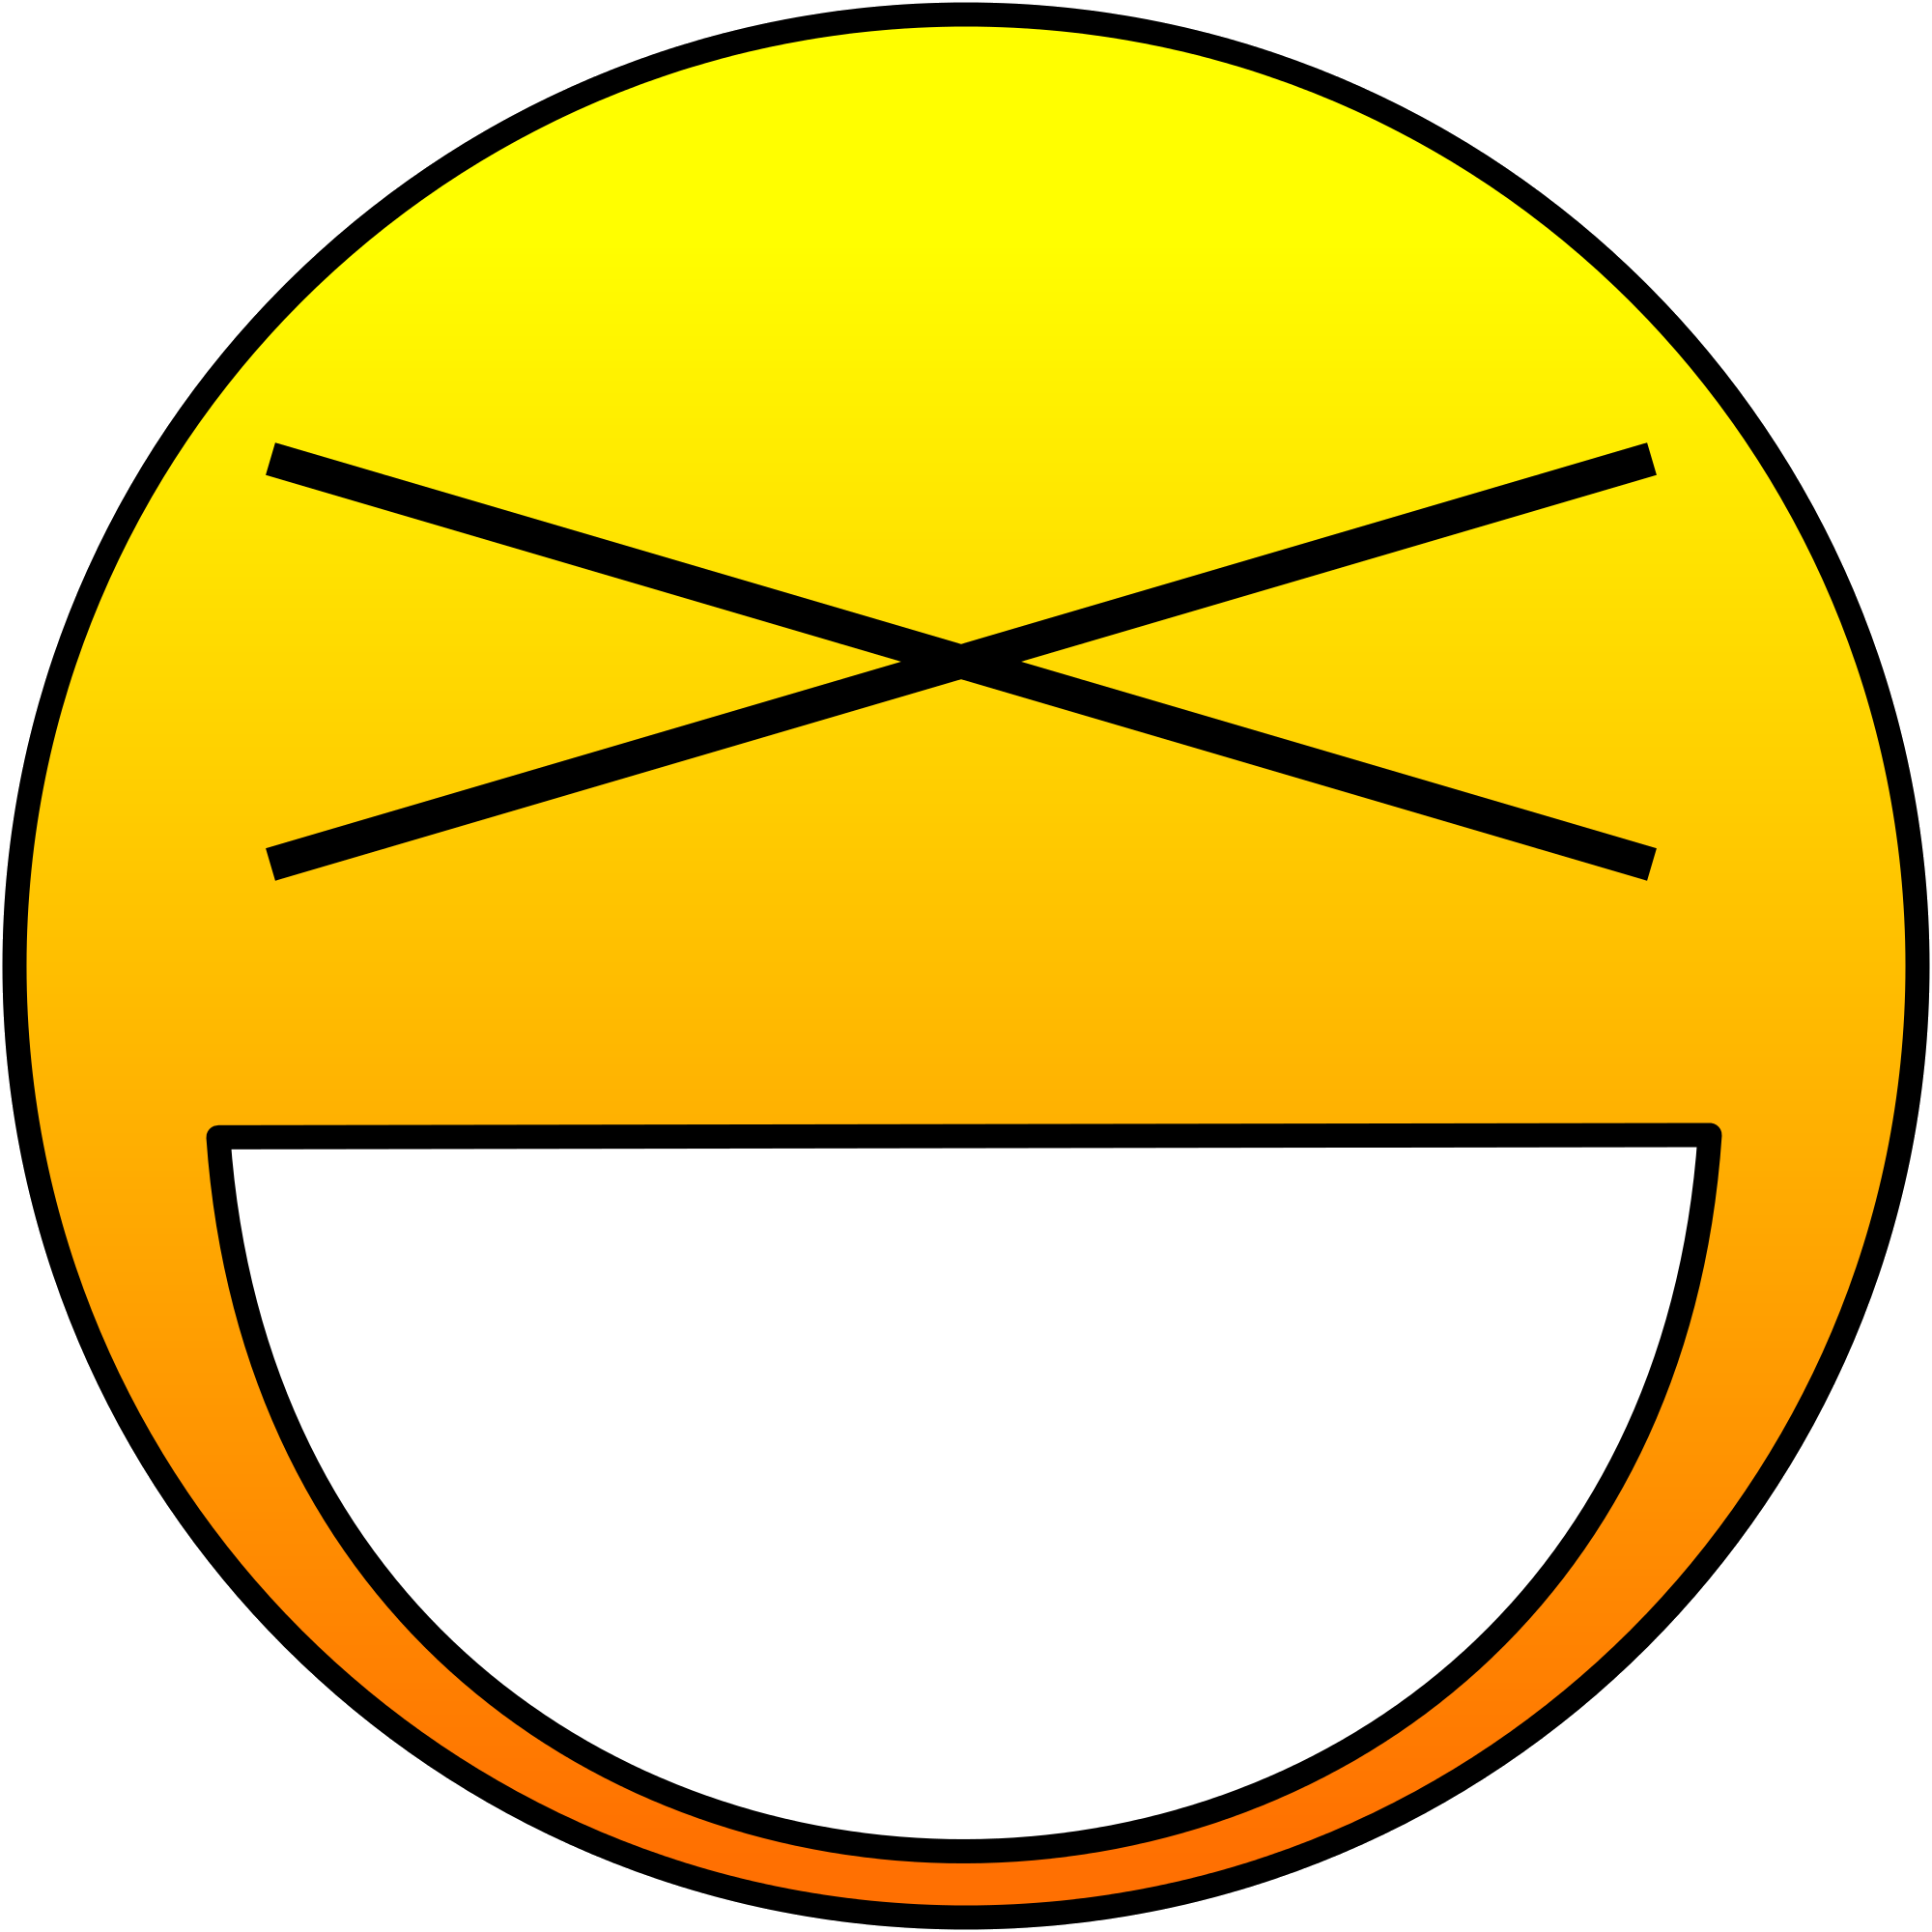 Hình mặt cười xí hổ đẹp